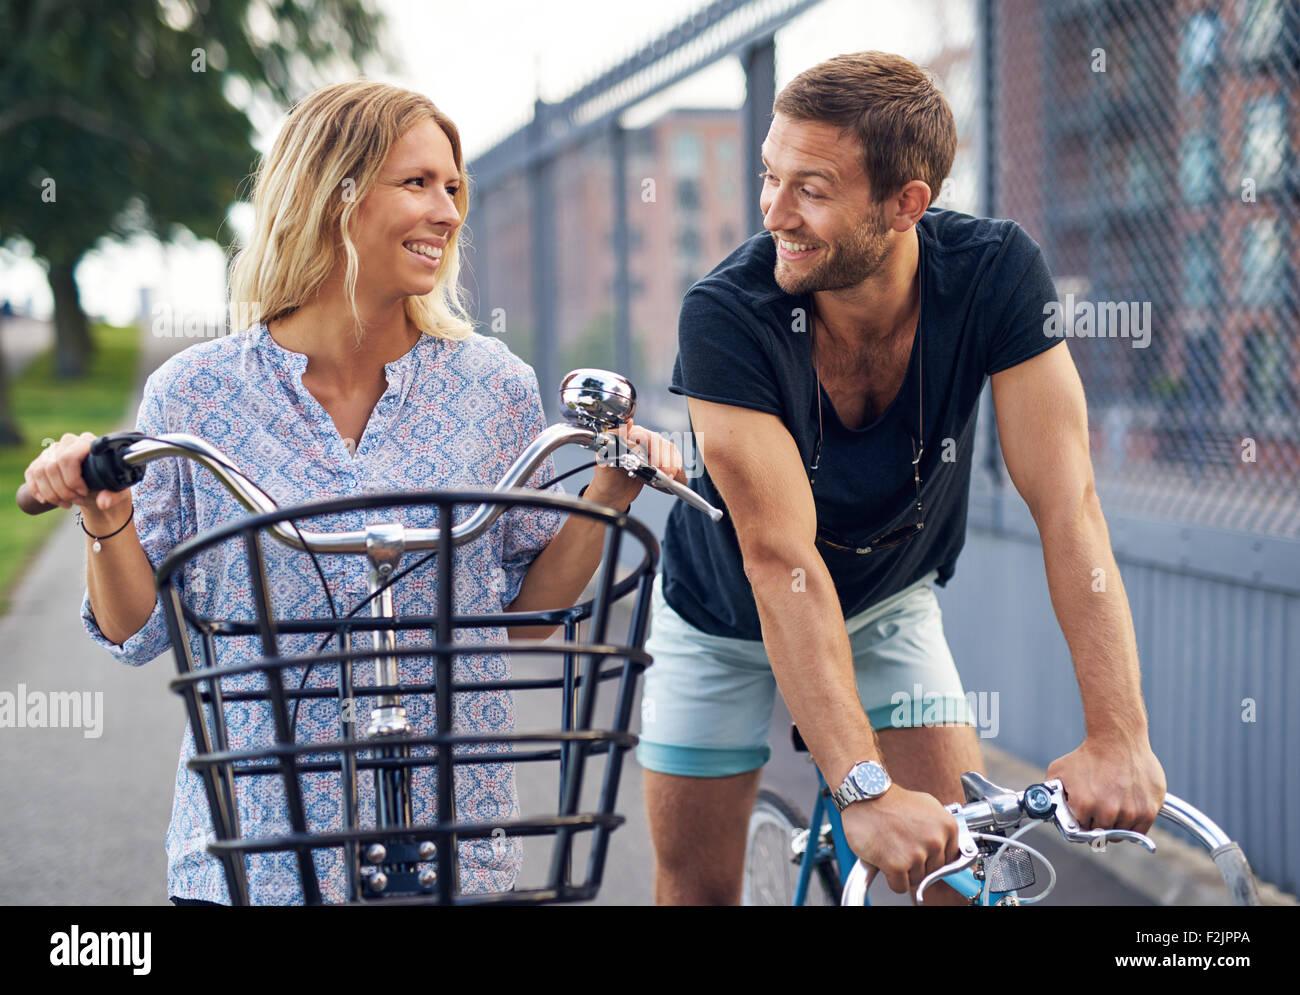 Coppia giovane flirtare come essi chat in una strada urbana sulla loro bicicletta sorridente e cercando in ogni Immagini Stock